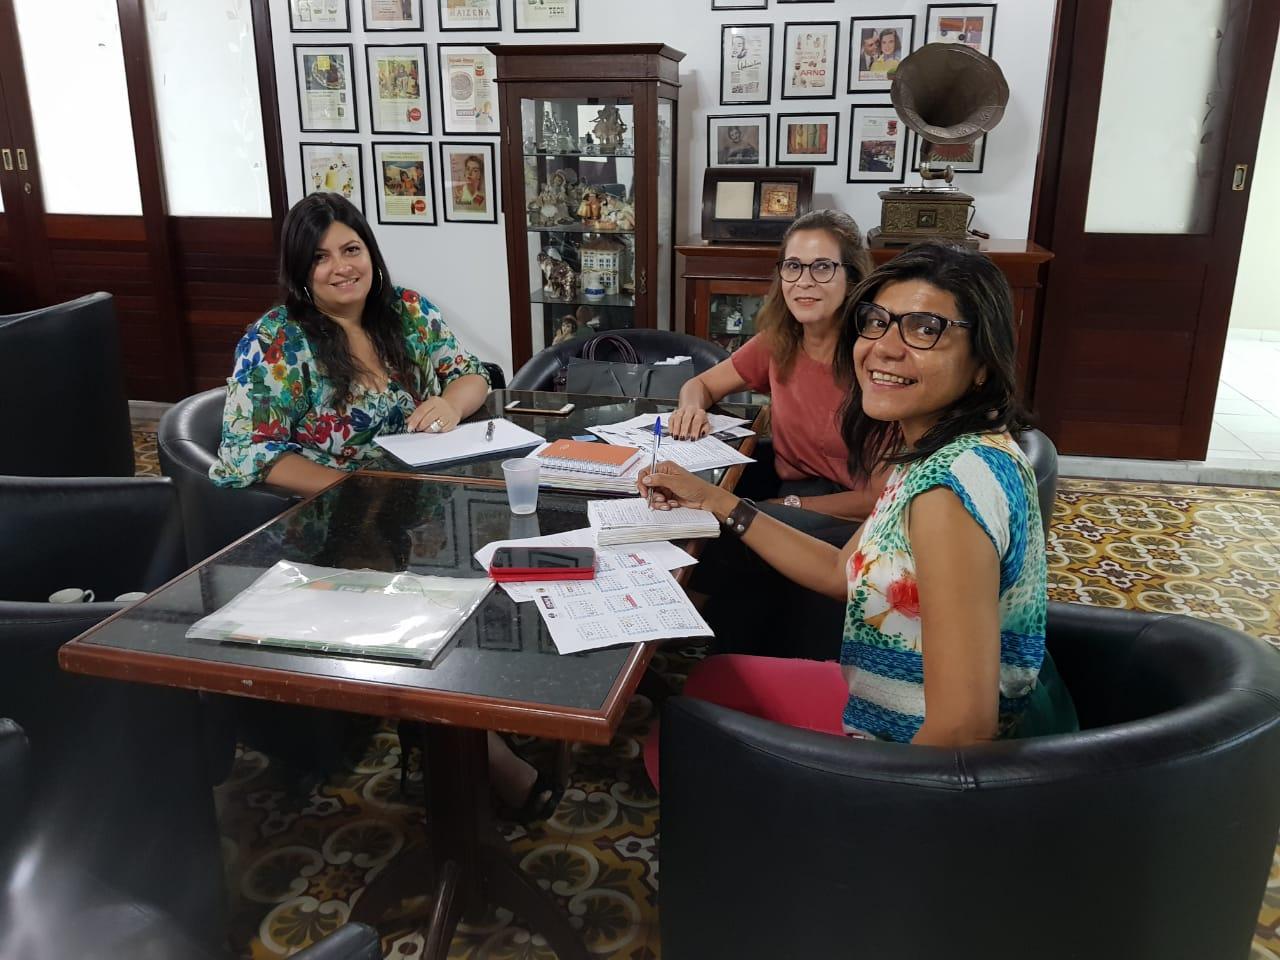 Conciliadora Moacyra Rocha participou de reunião com servidoras do PCJE Ana Valéria Pitta e Luzia Rodrigues.